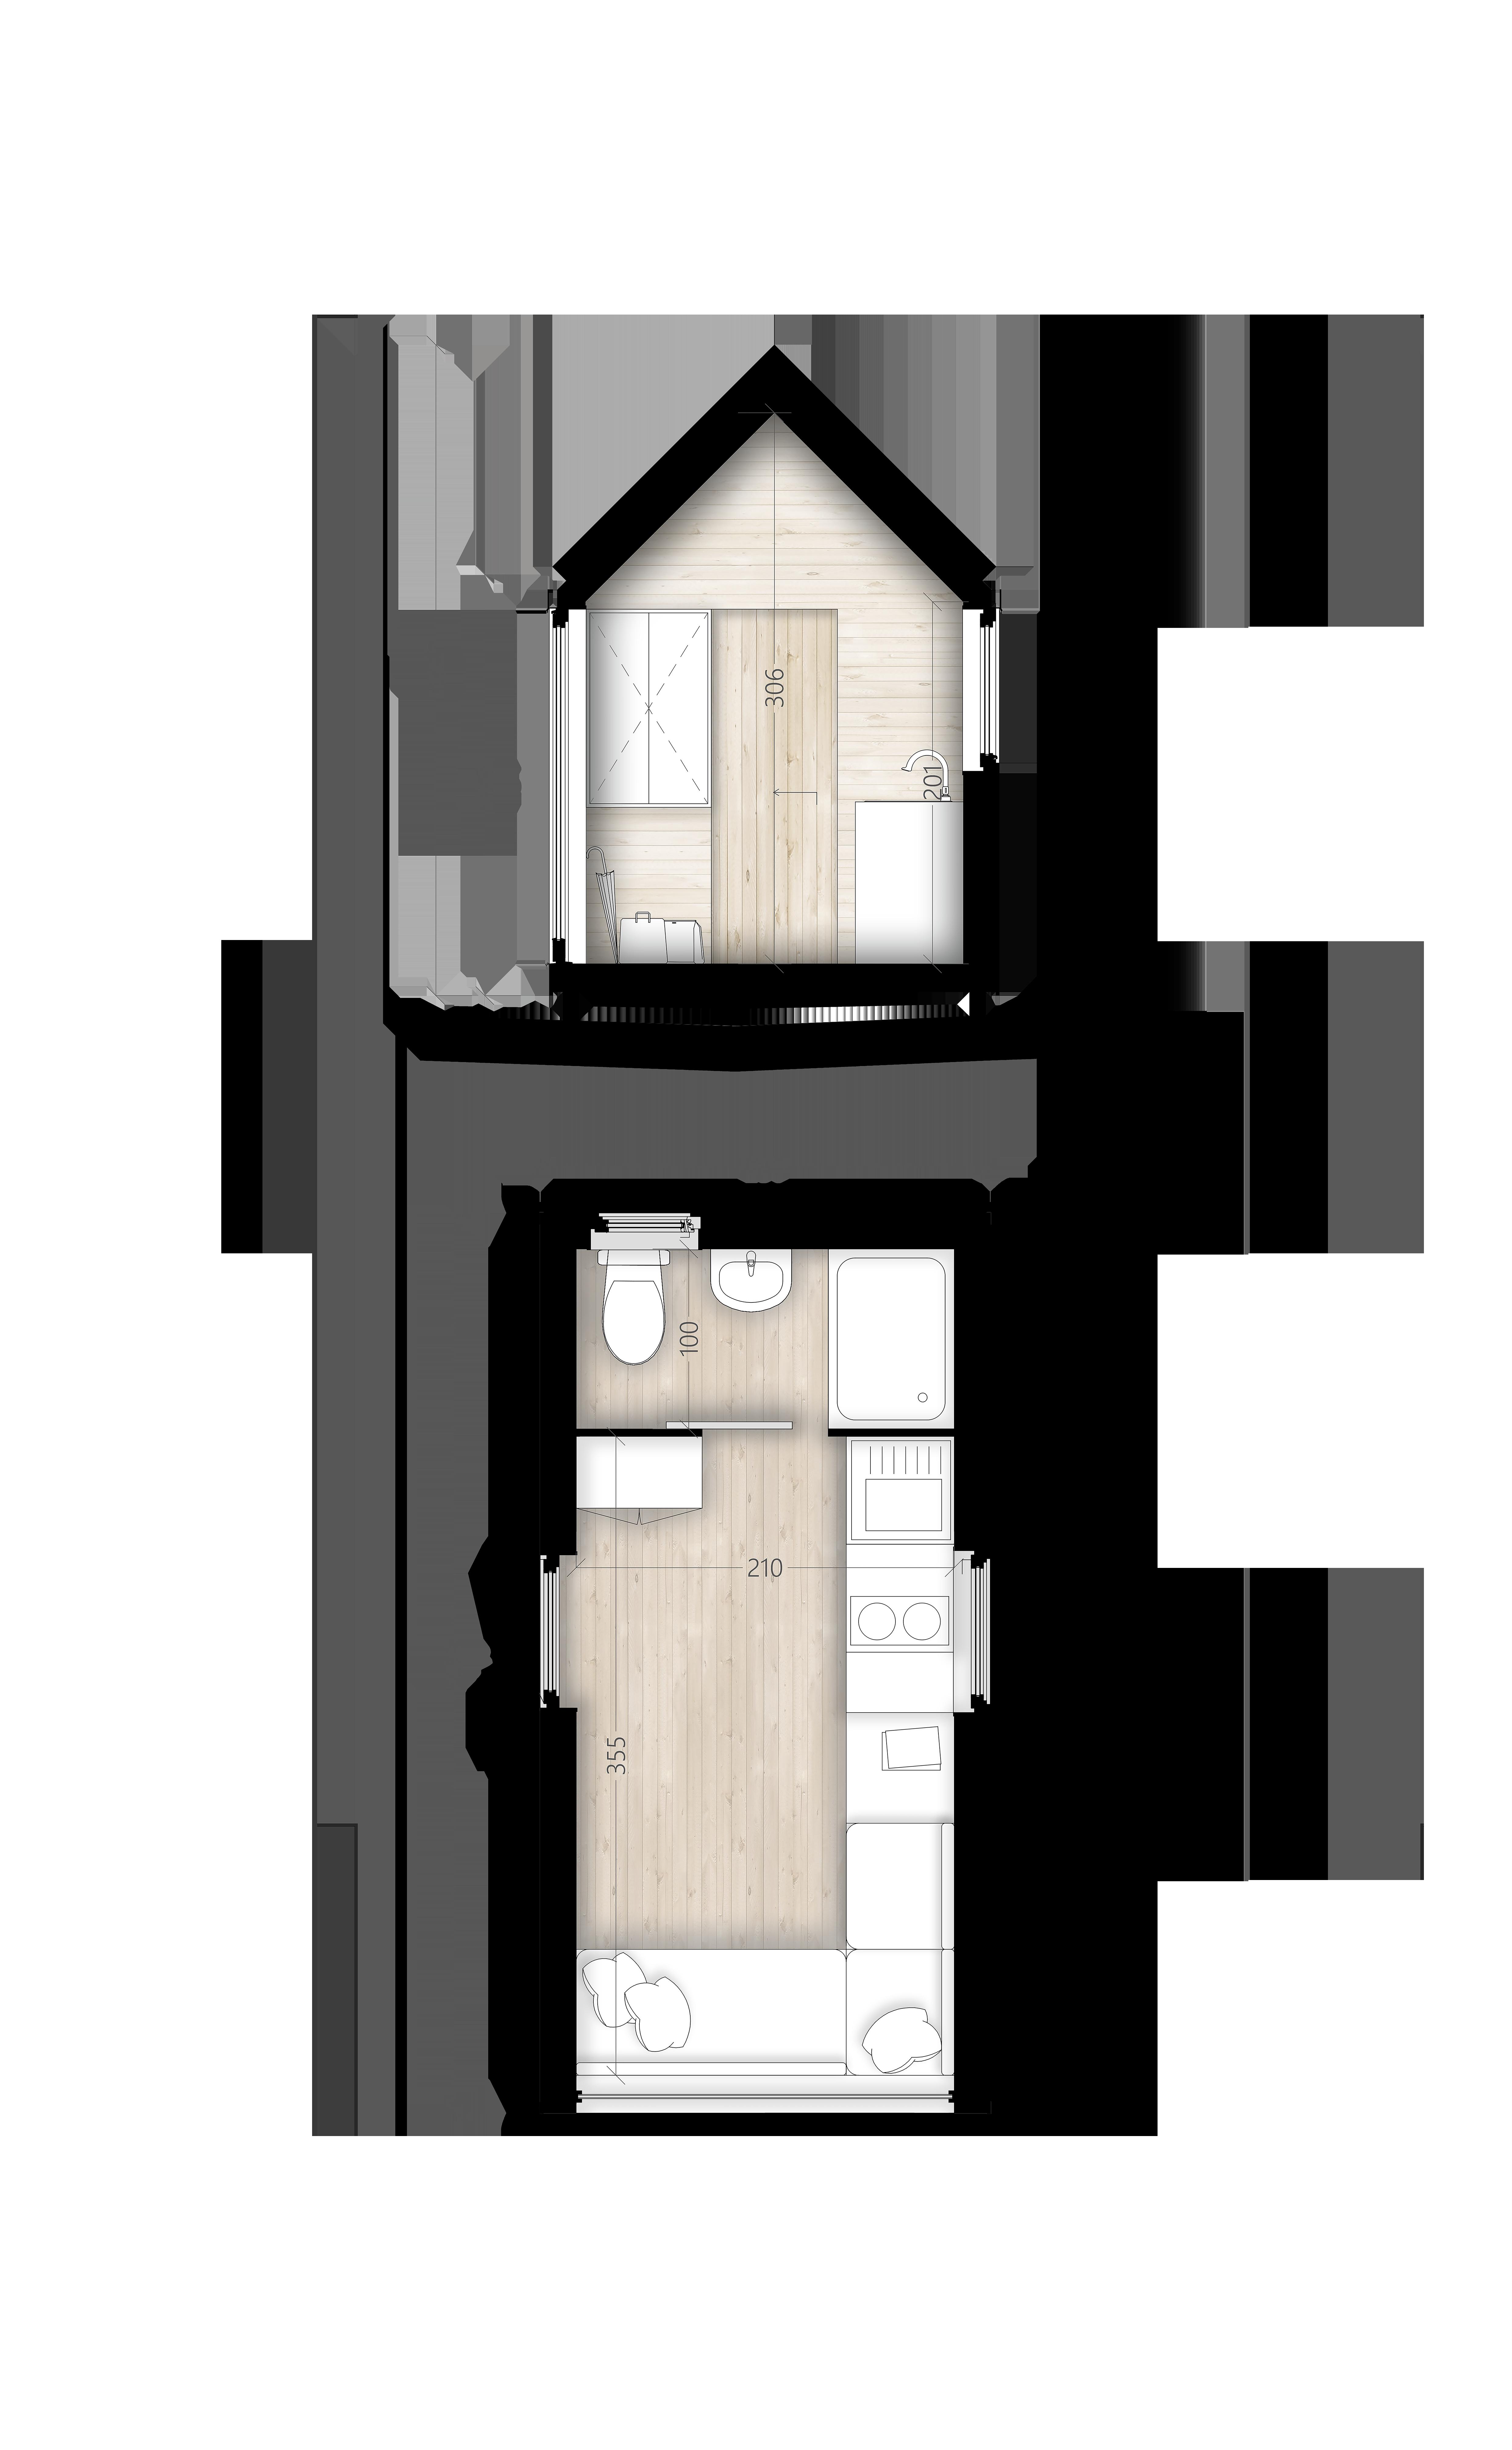 D'woch 12m² - Plans et coupes texturés